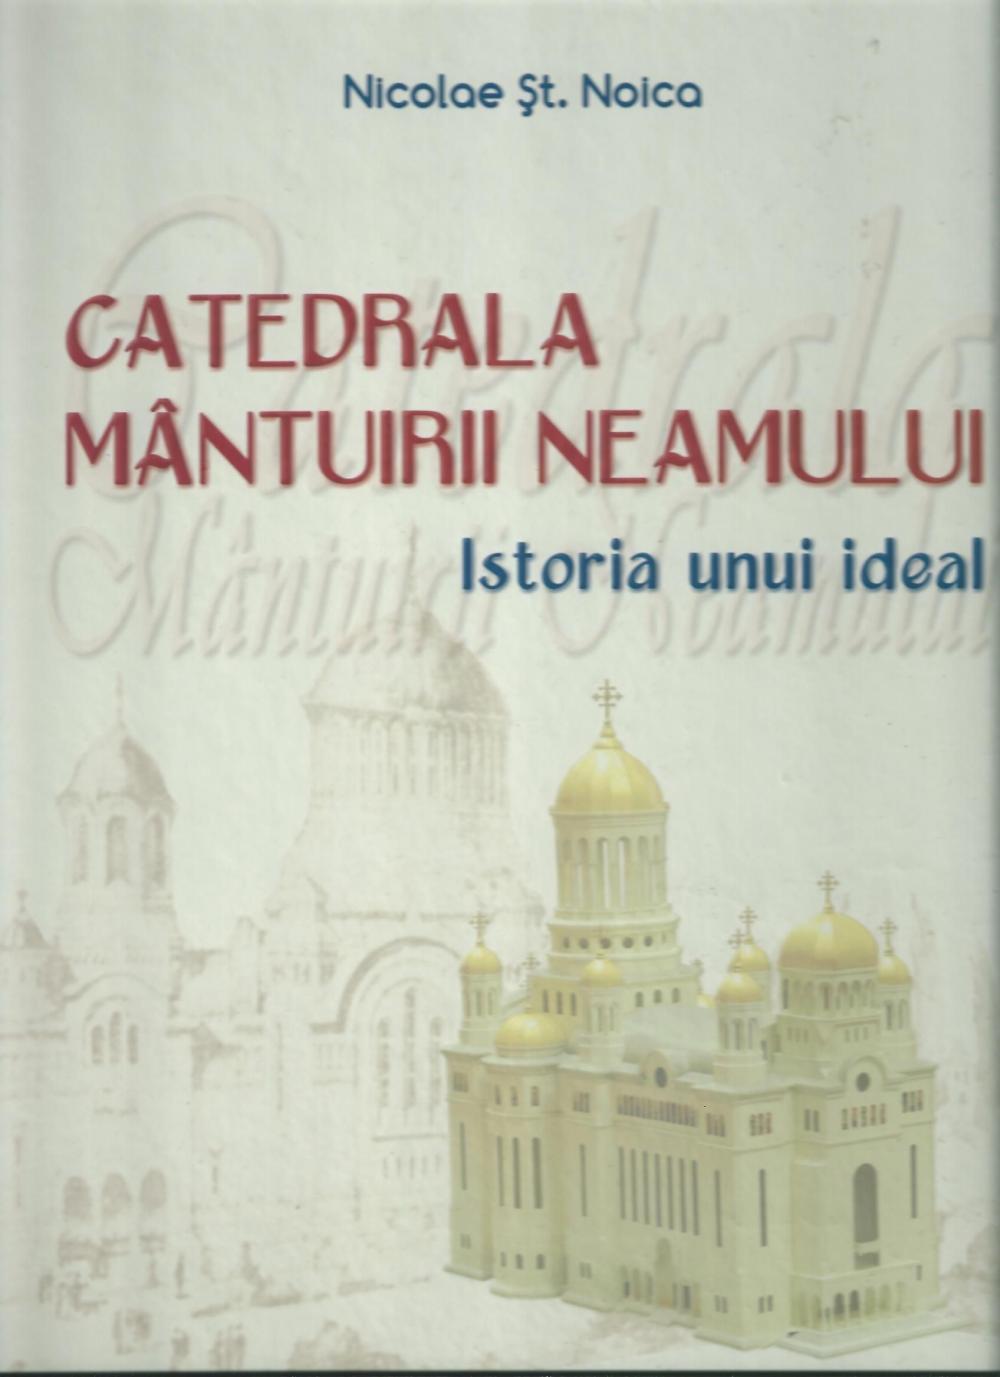 CATEDRALA MANTUIRII NEAMULUI - ISTORIA UNUI IDEAL